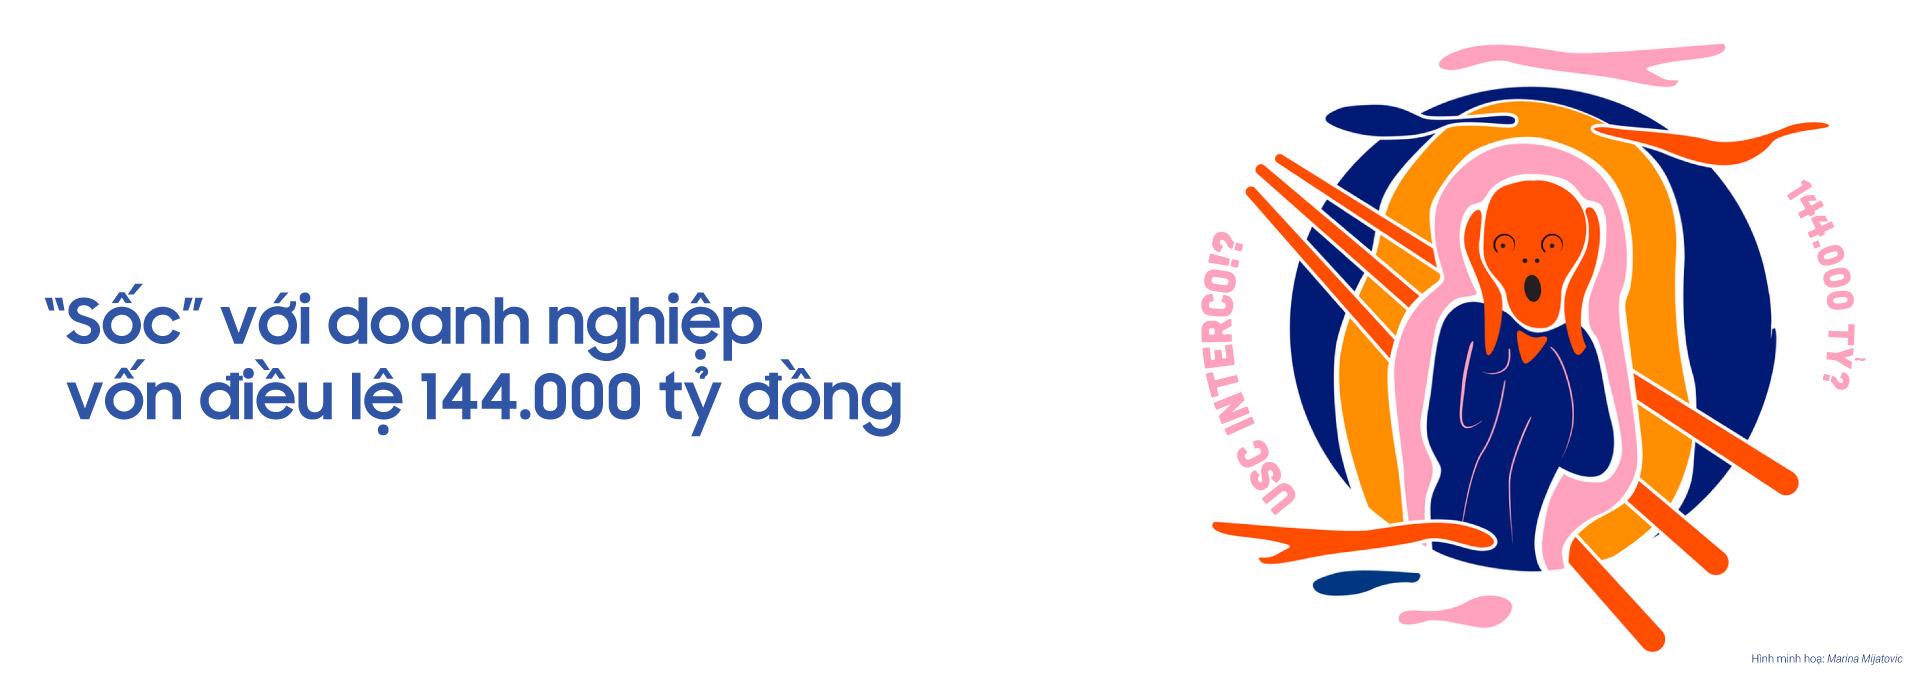 Chuyện thương trường 2020: Biến số Covid-19 và lời giải của doanh nghiệp Việt - Ảnh 11.